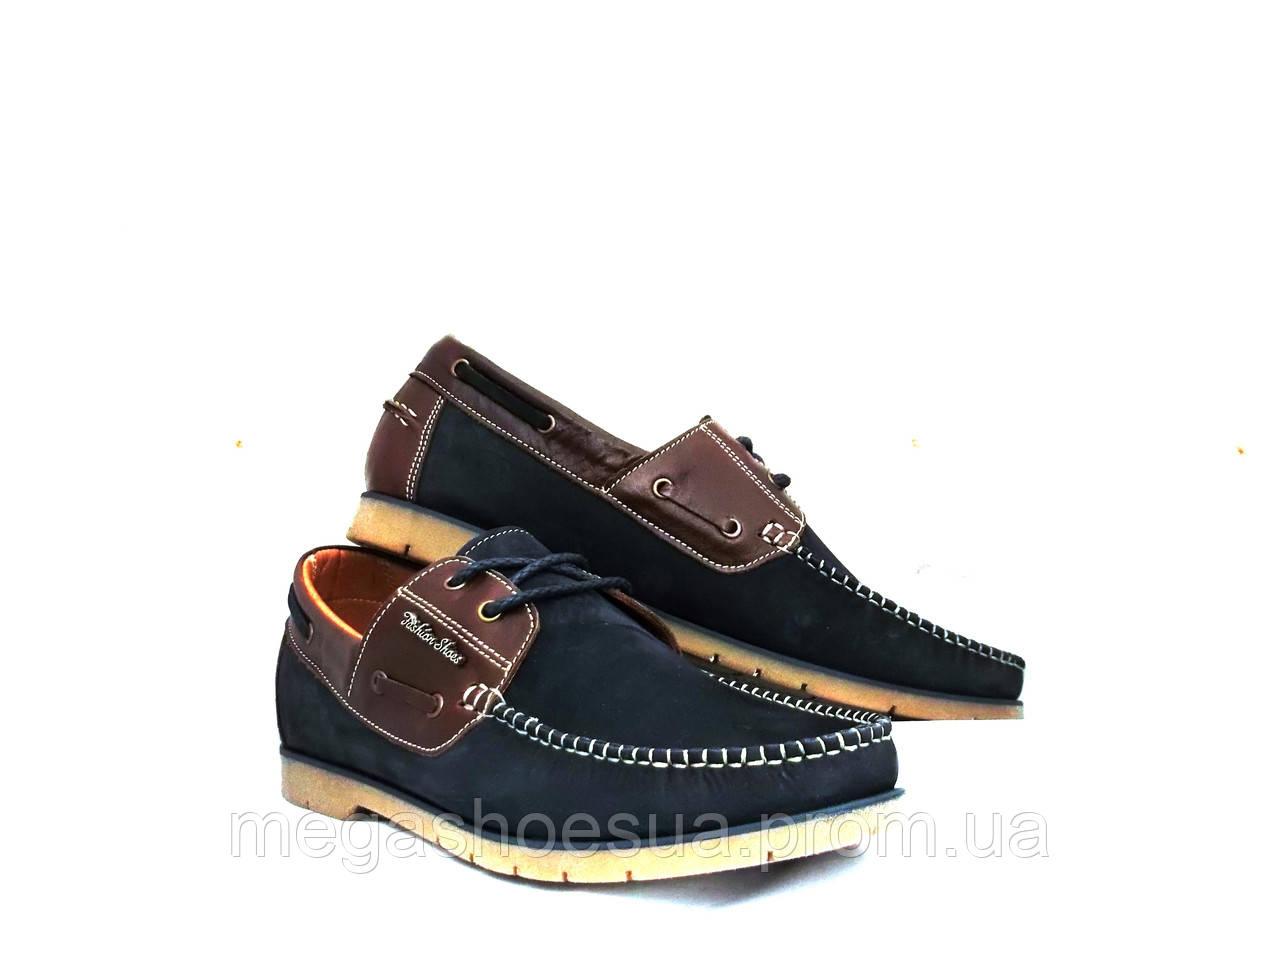 8ebd32eedaa2 Мужские мокасины Prime Shoes c натуральной кожи стильные - Интернет-магазин  украинской обуви MegaShoes в